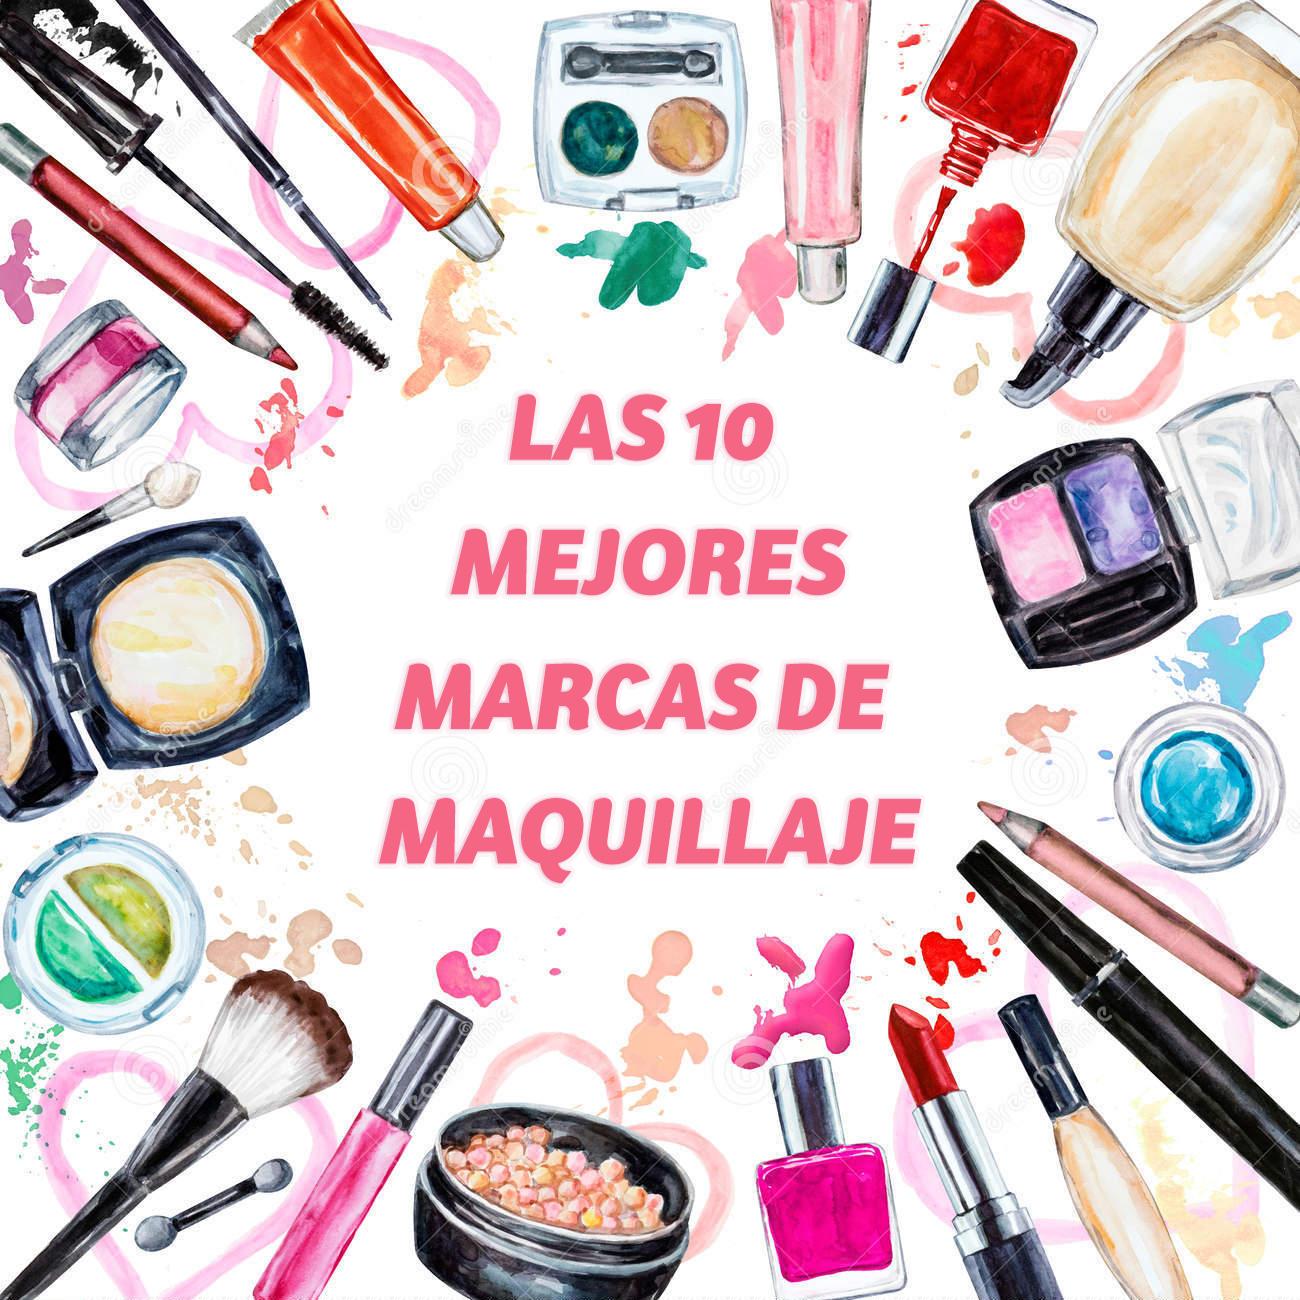 ¿Cuál es la mejor marca de maquillaje?